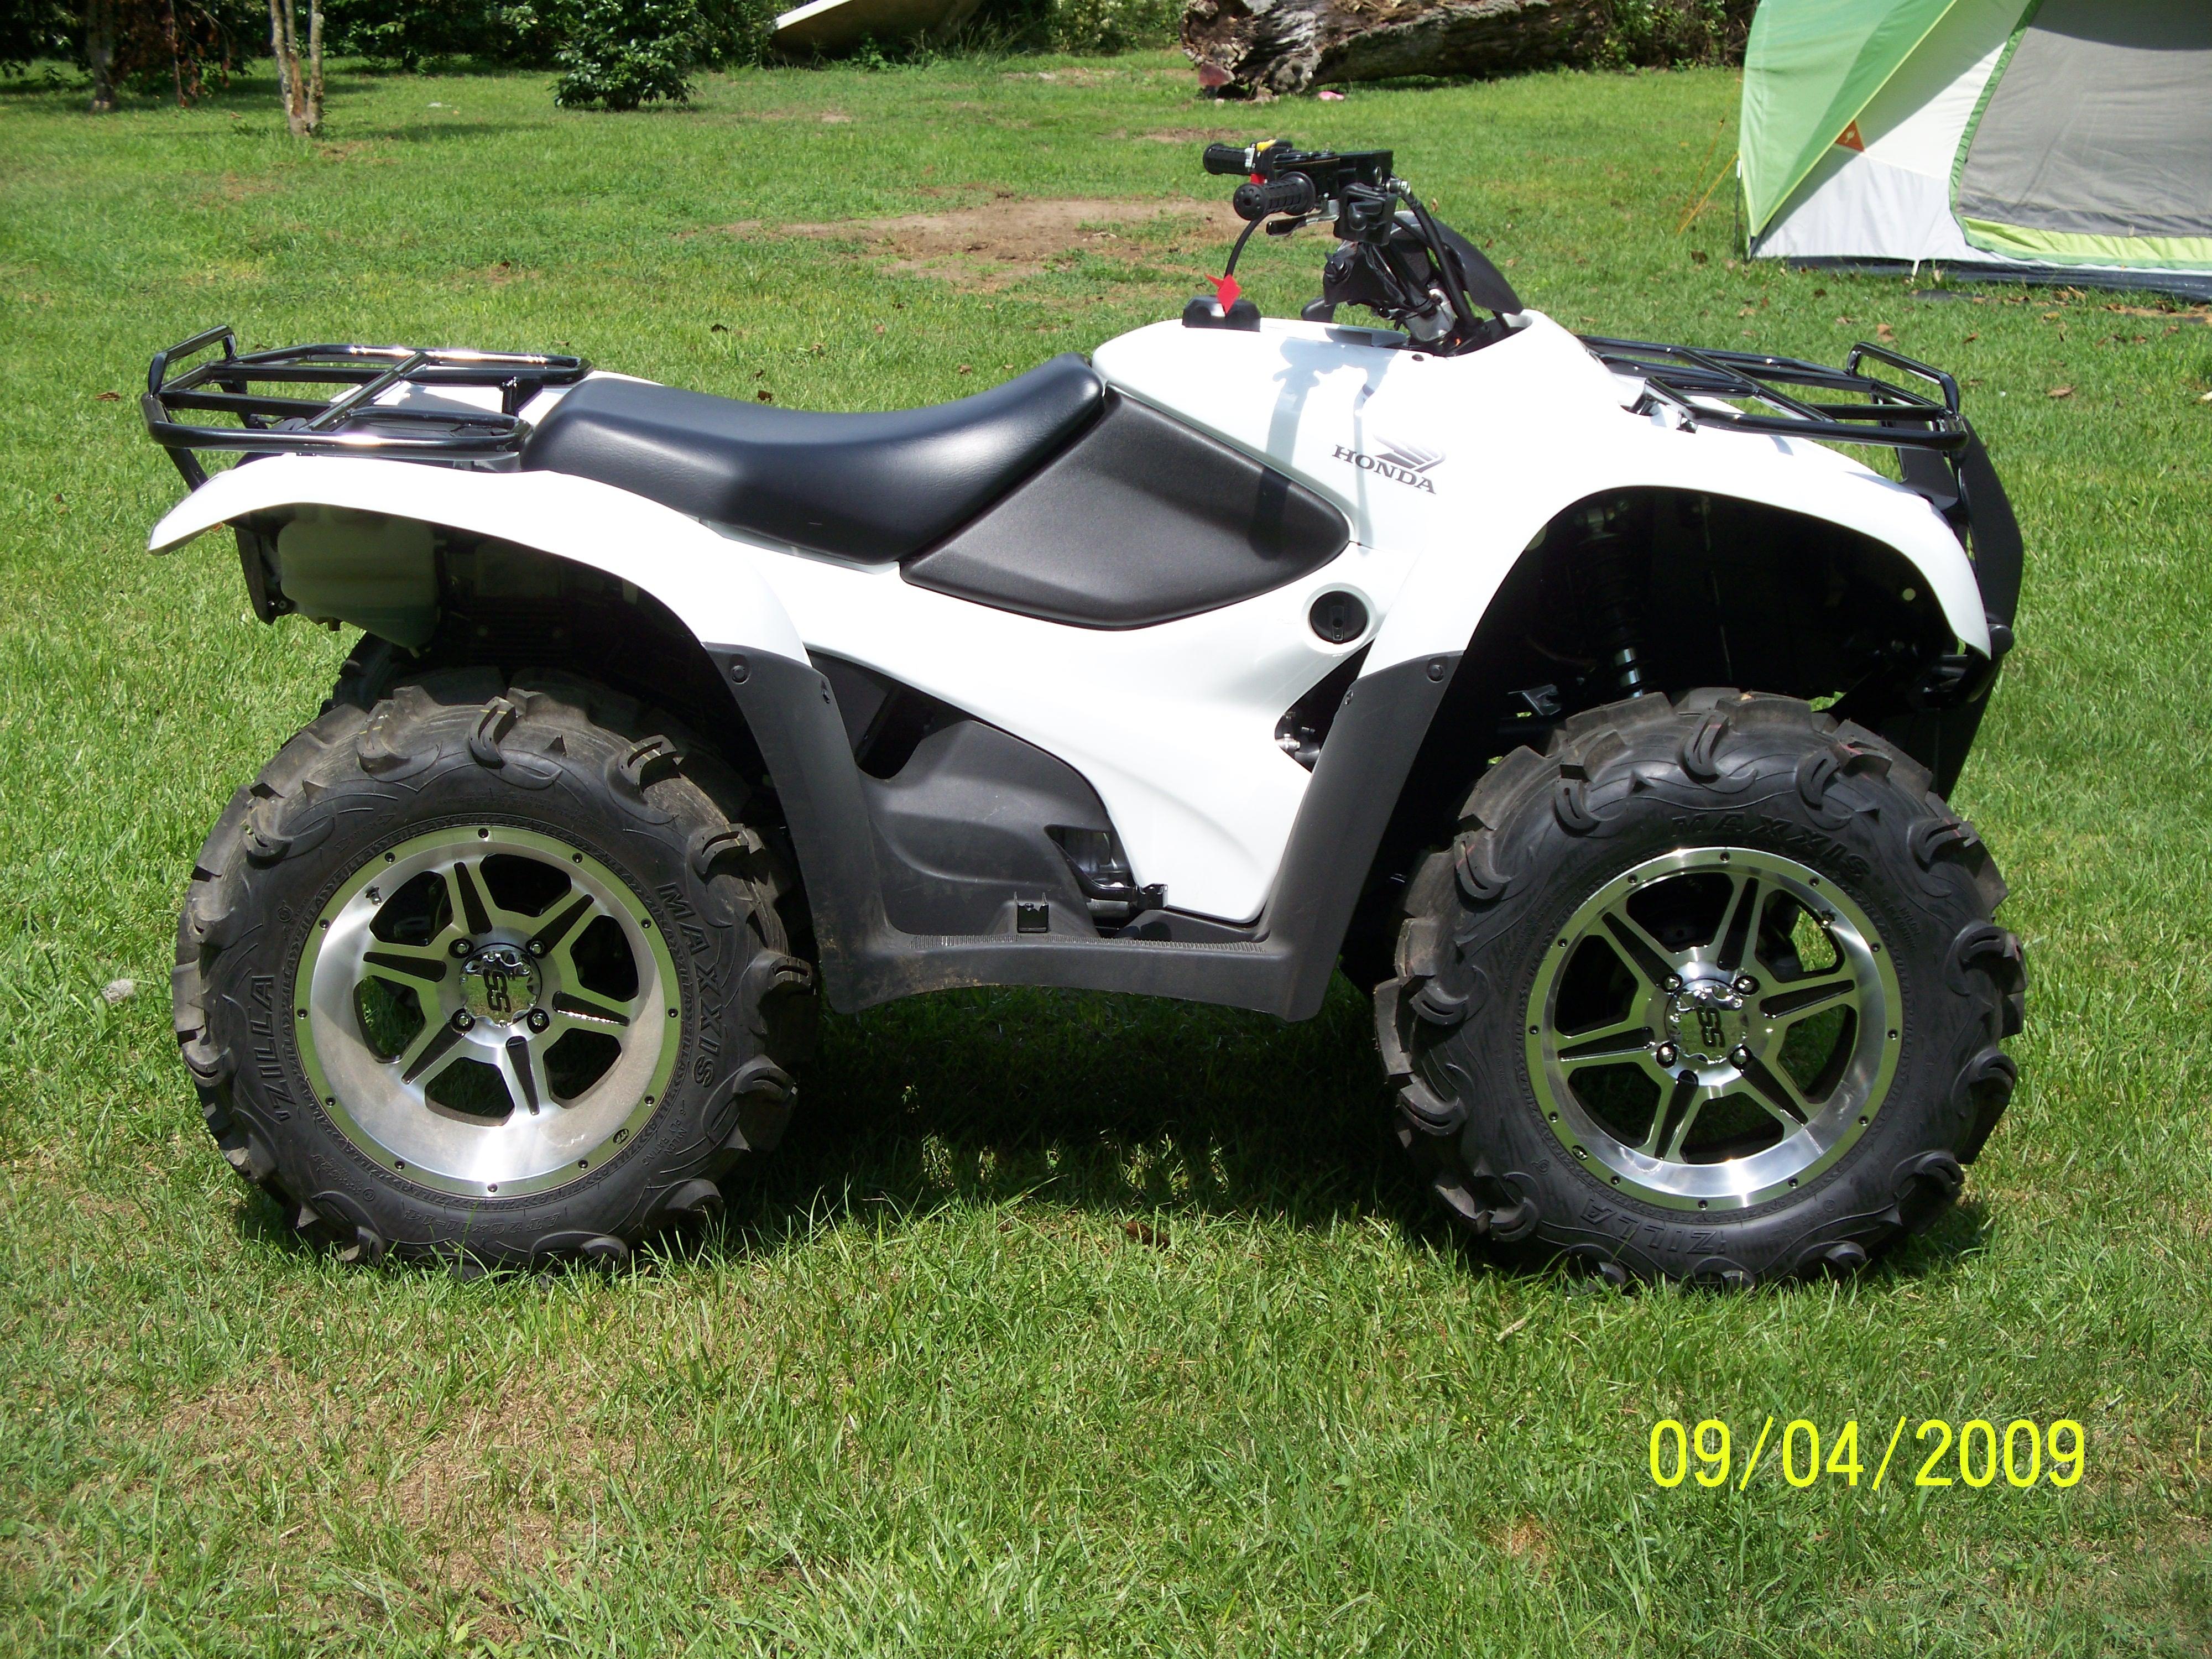 2009 Honda 420 Rancher Fuse Box Free Vehicle Wiring Diagrams \u2022 1995  Honda Civic Fuse